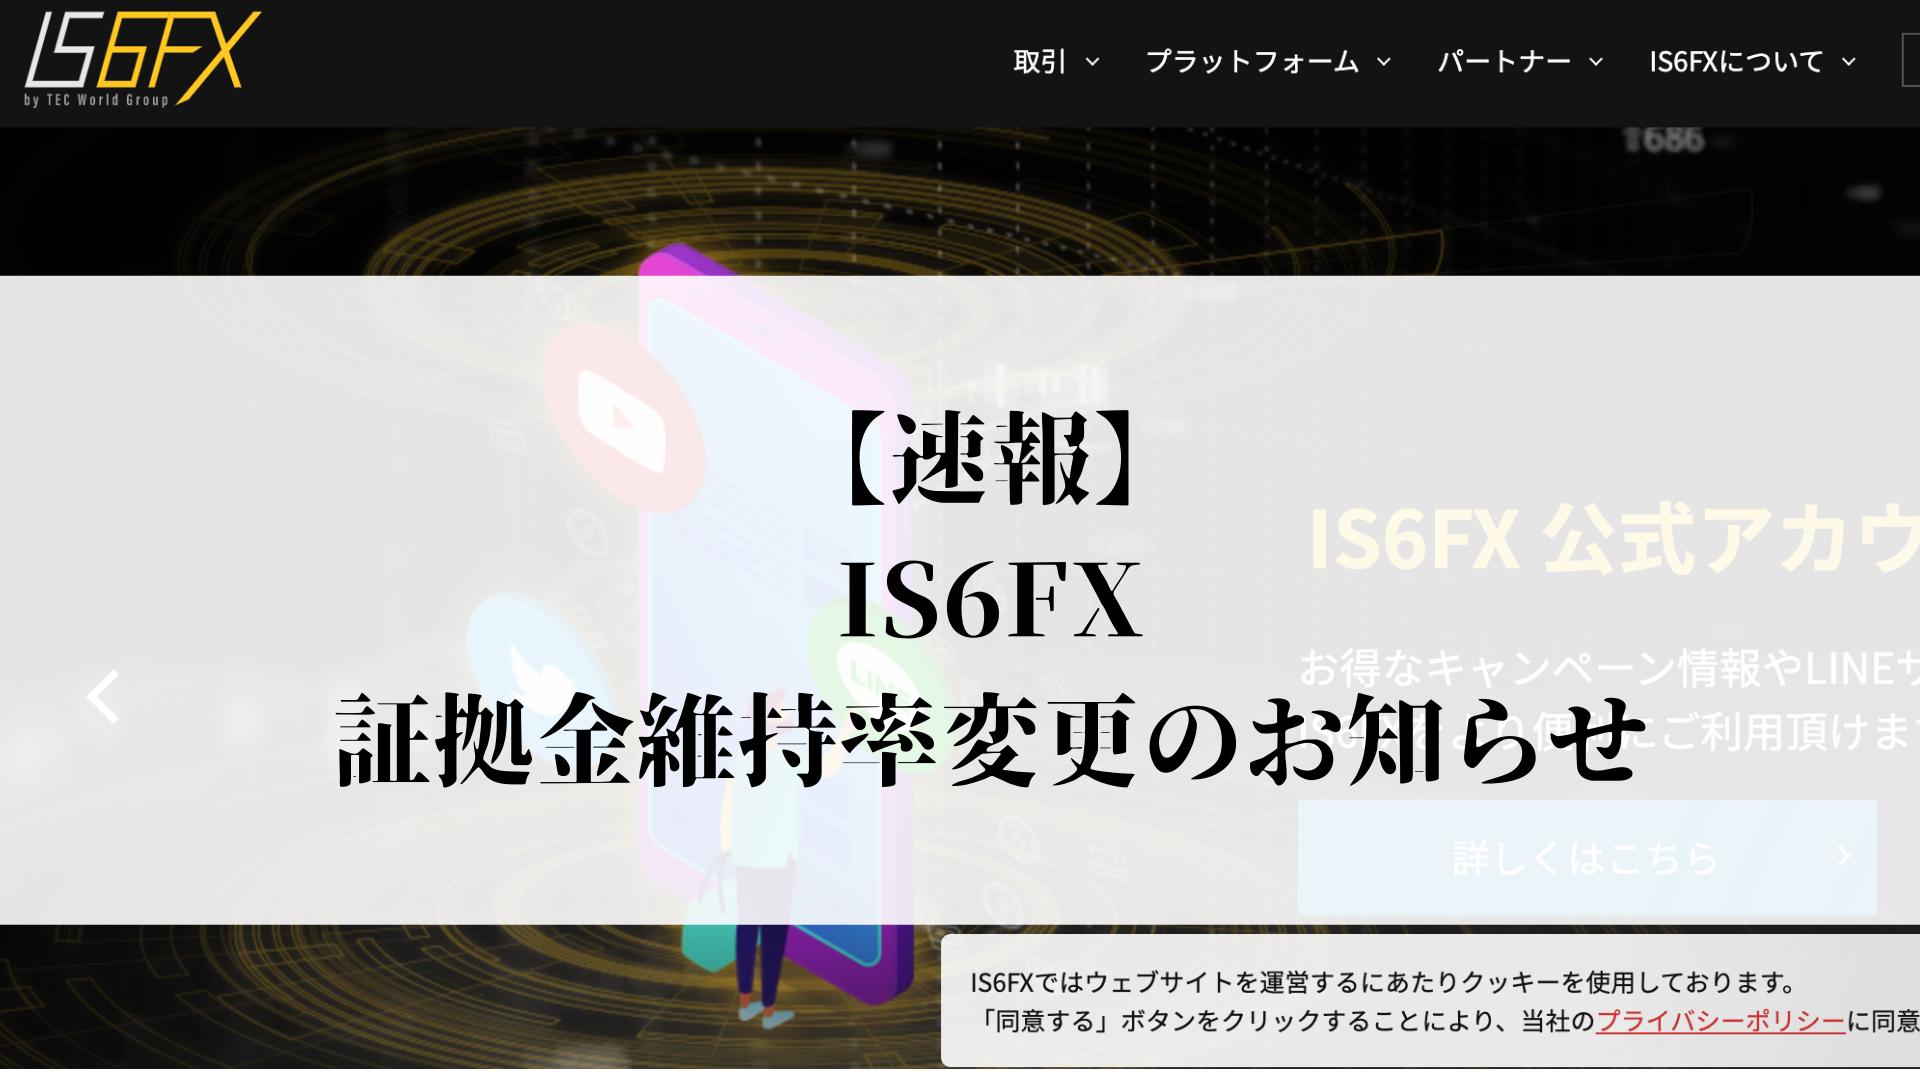 【速報】2021年10月4日からIS6FX証拠金維持率変更のお知らせ(2021年9月28日)